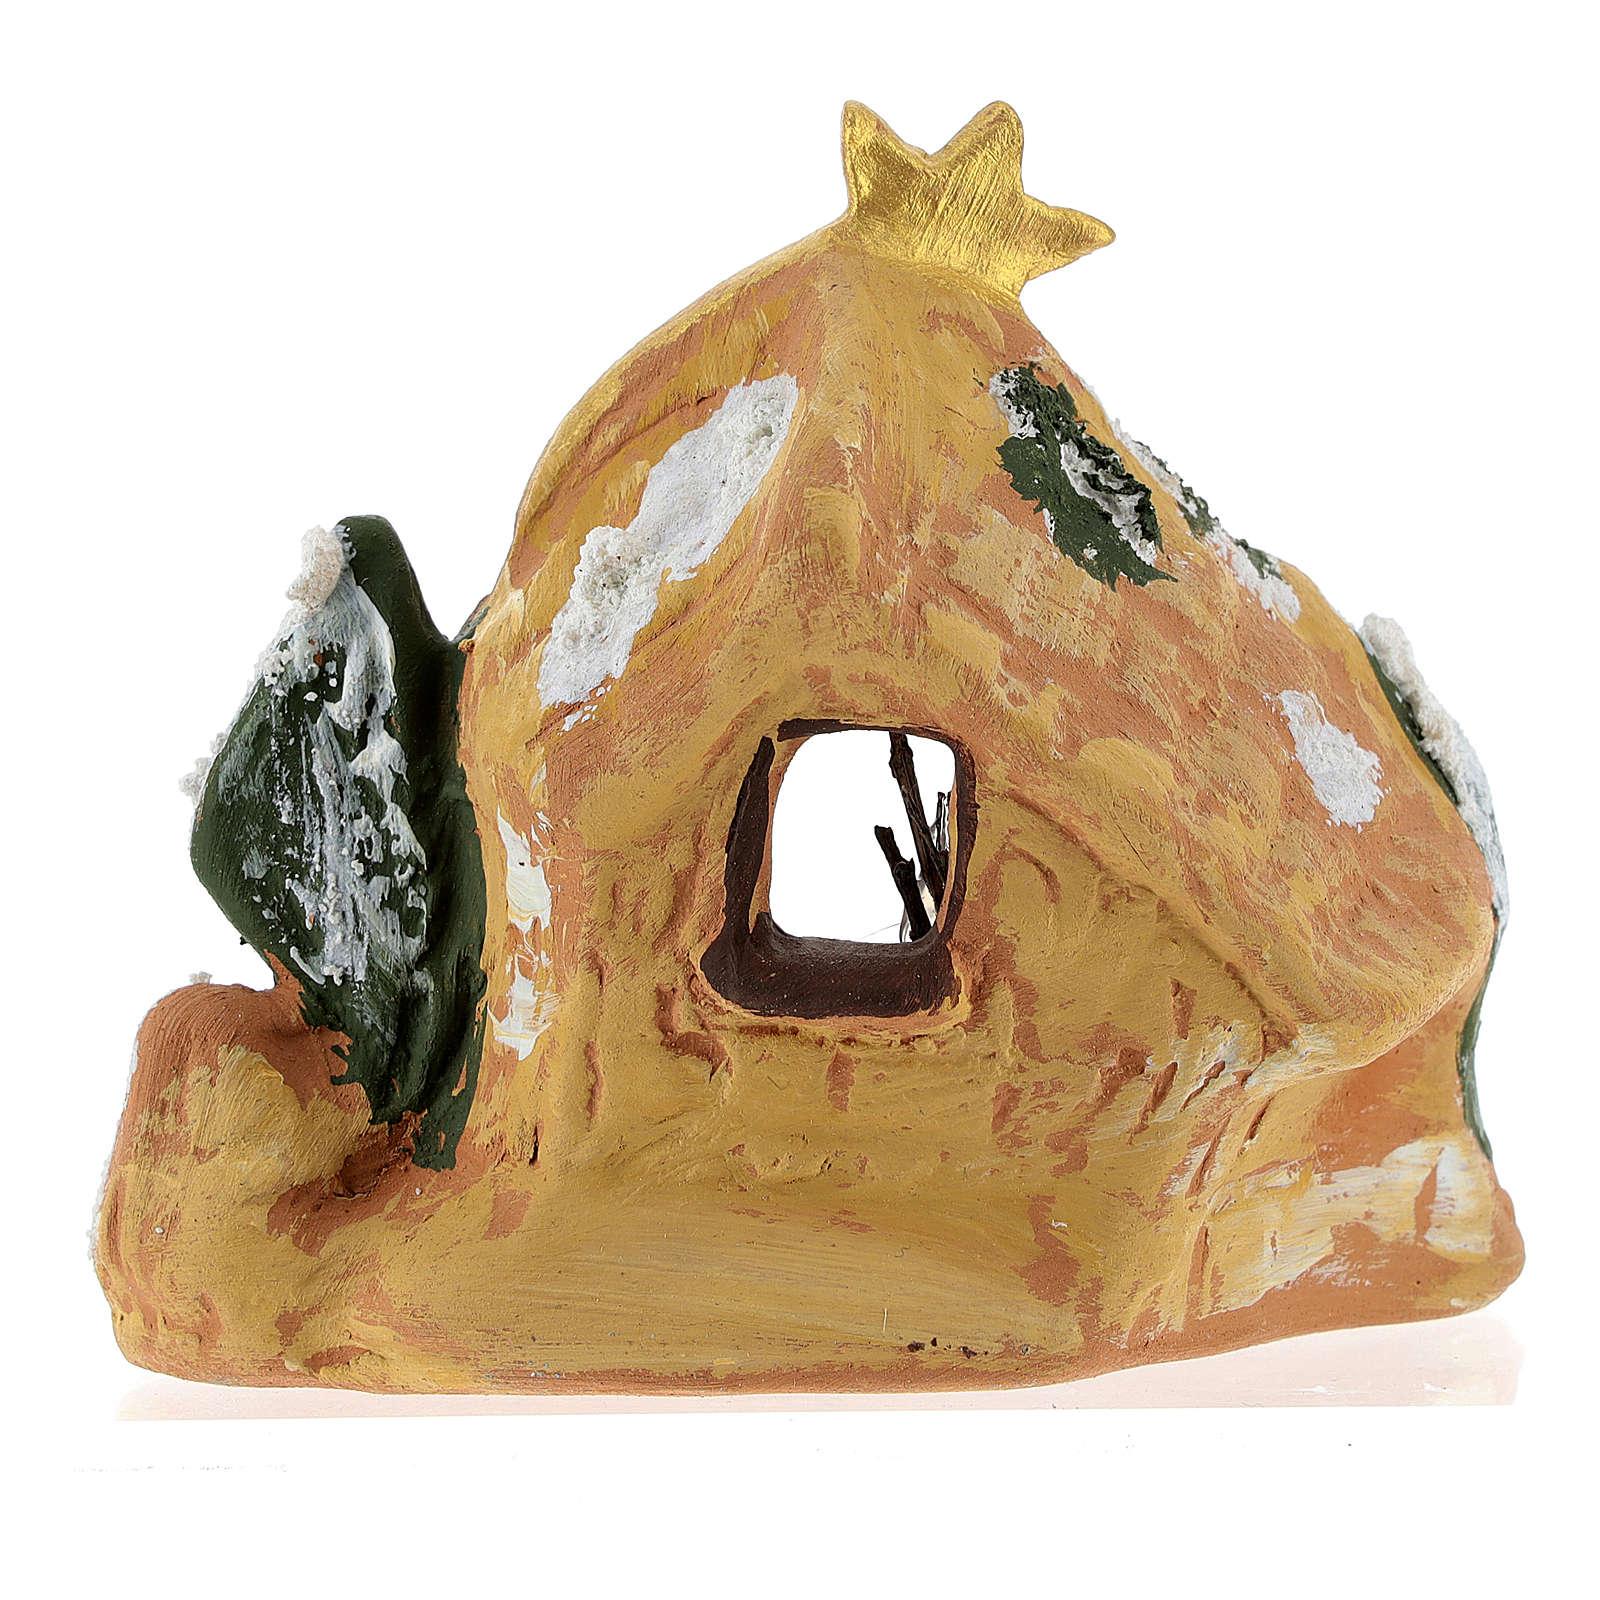 Capanna in terracotta colorata con presepe 4 cm Deruta e cometa 4